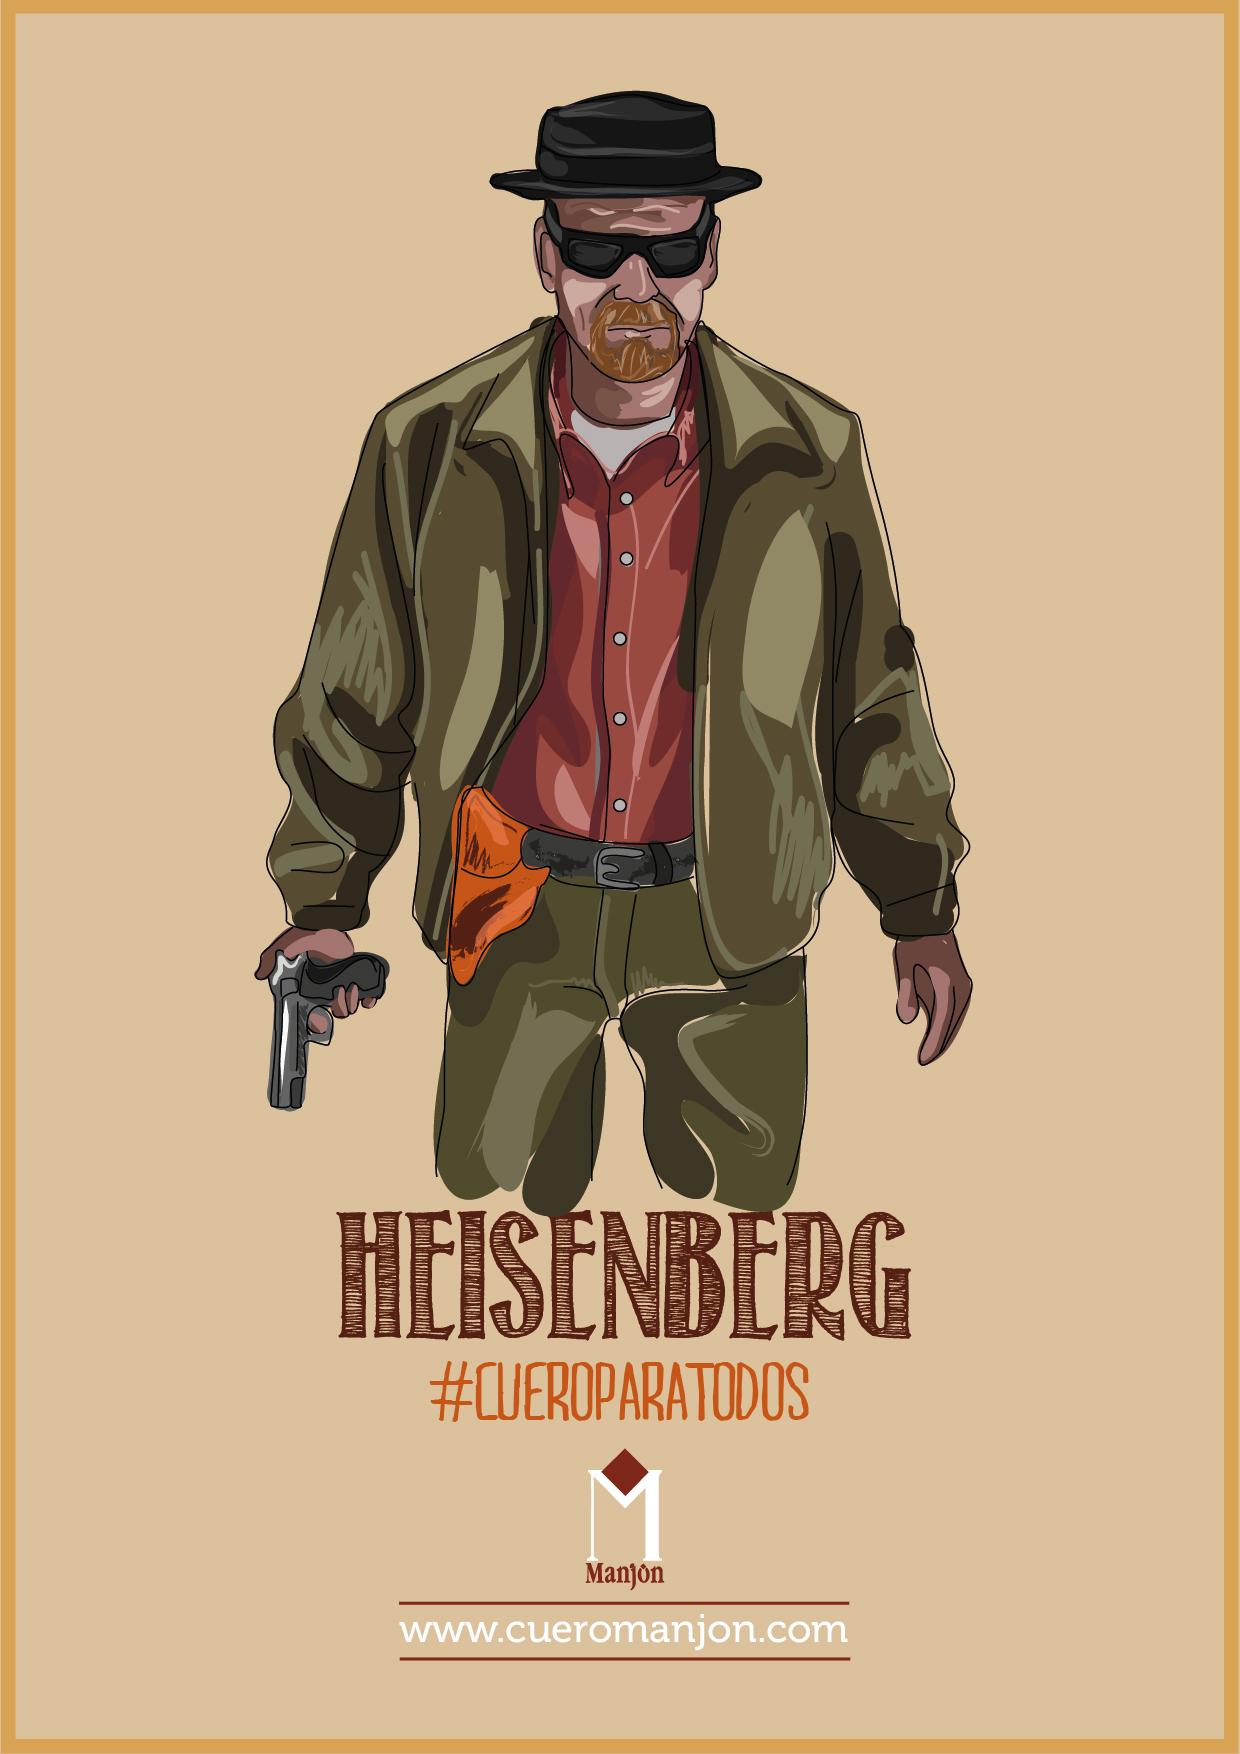 CPT Heisenberg